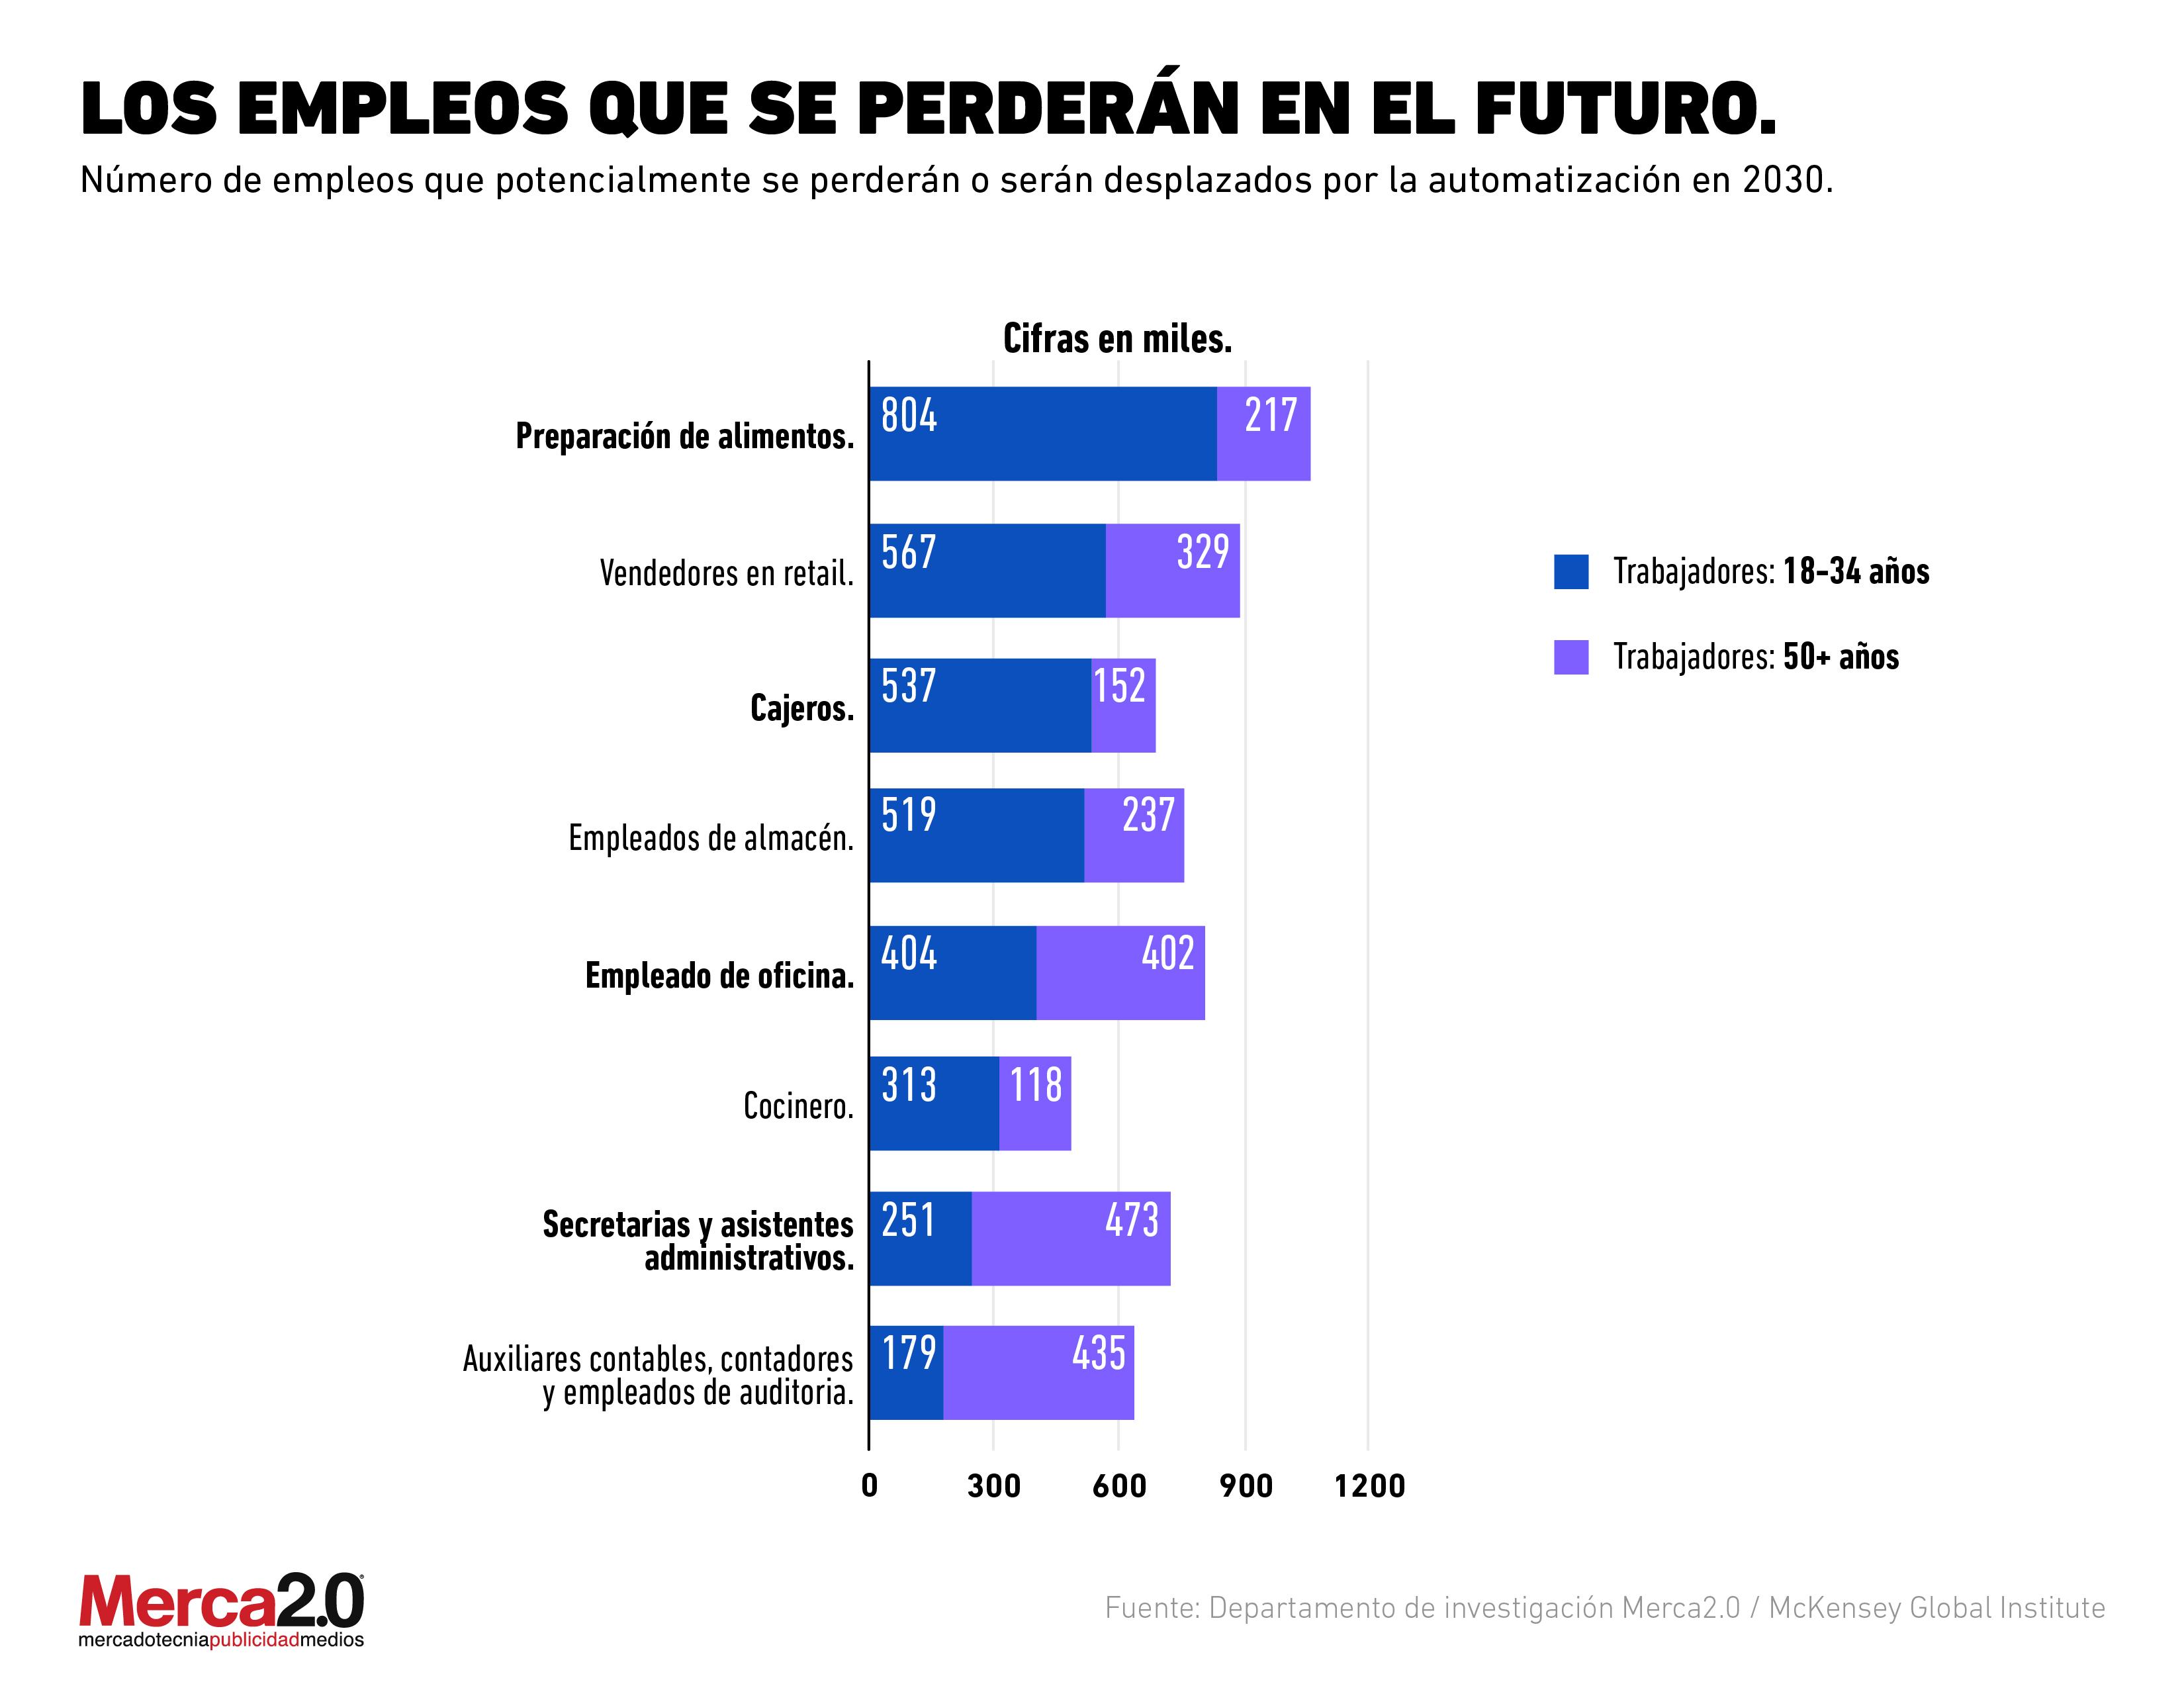 Estos son los empleos que será desplazados por la automatización